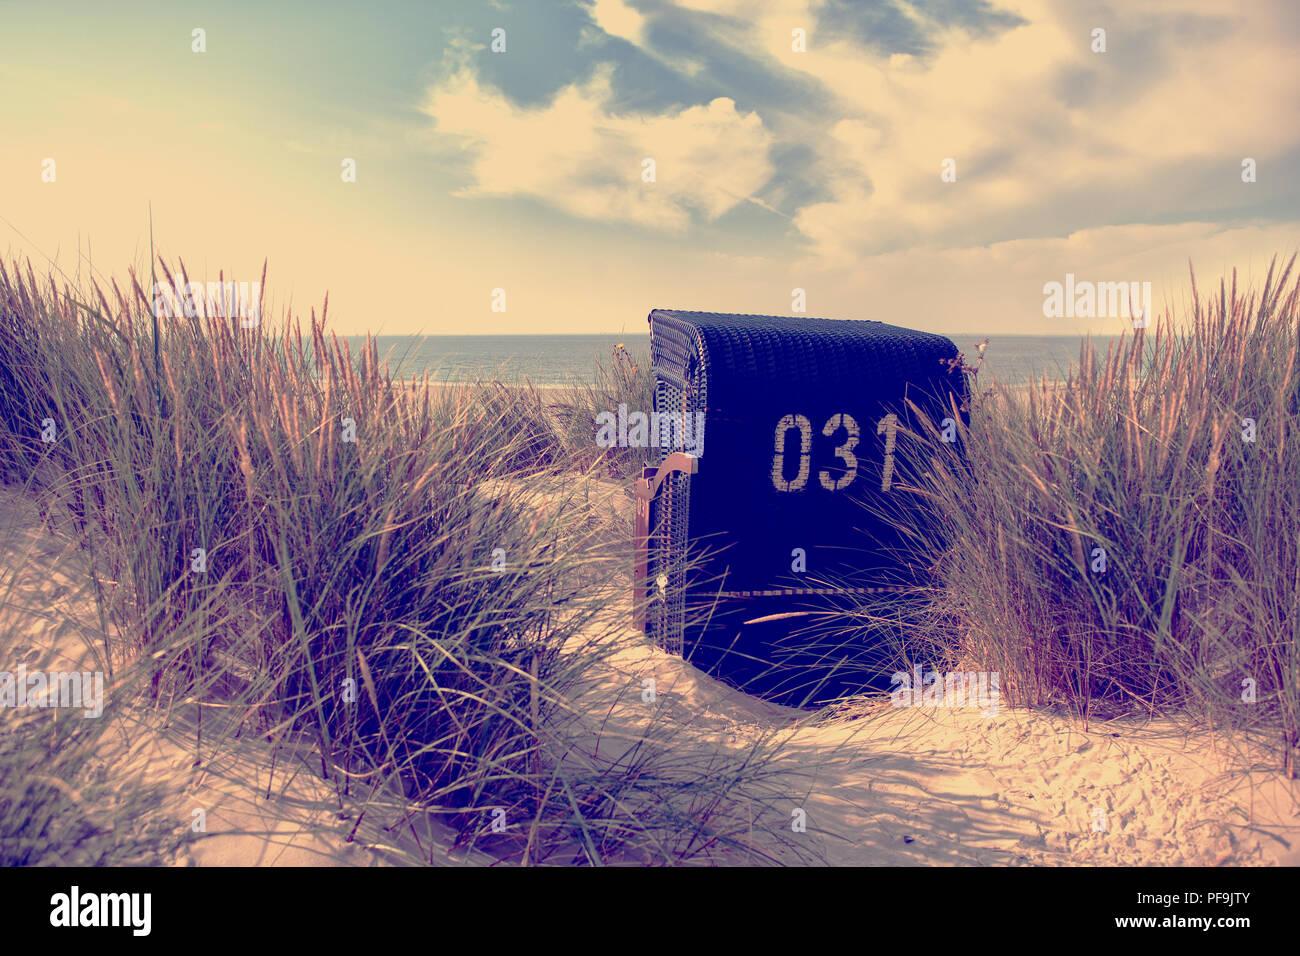 Europa Germany Ostfriesland Nordsee Strand Dünen Strandkörbe Instagram Style - Stock Image